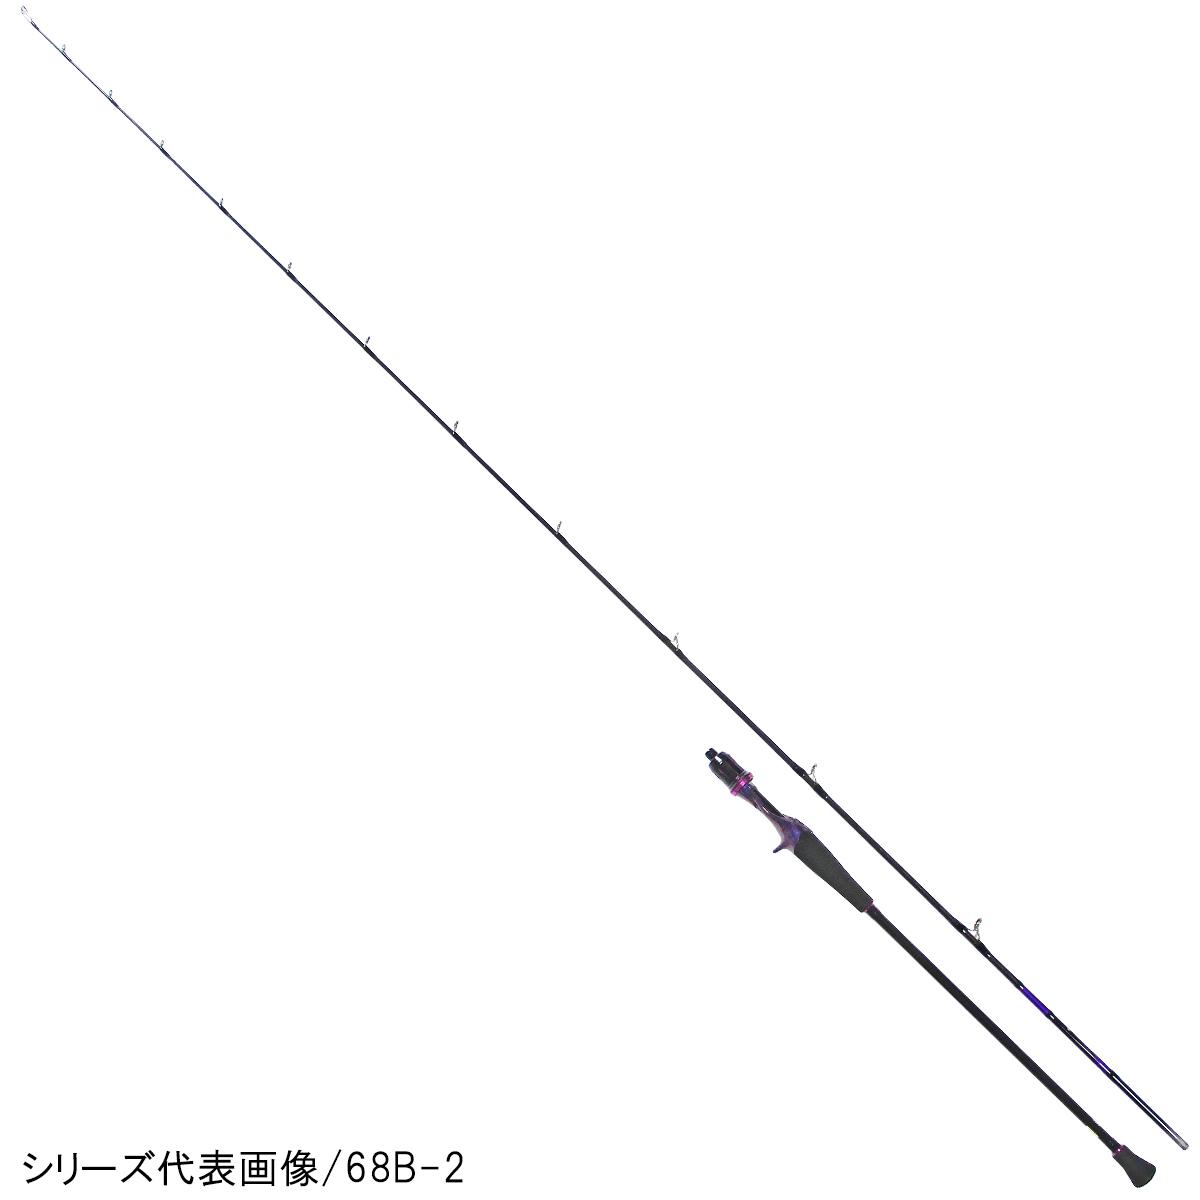 ダイワ 鏡牙 AIR 63B-2TG(東日本店)